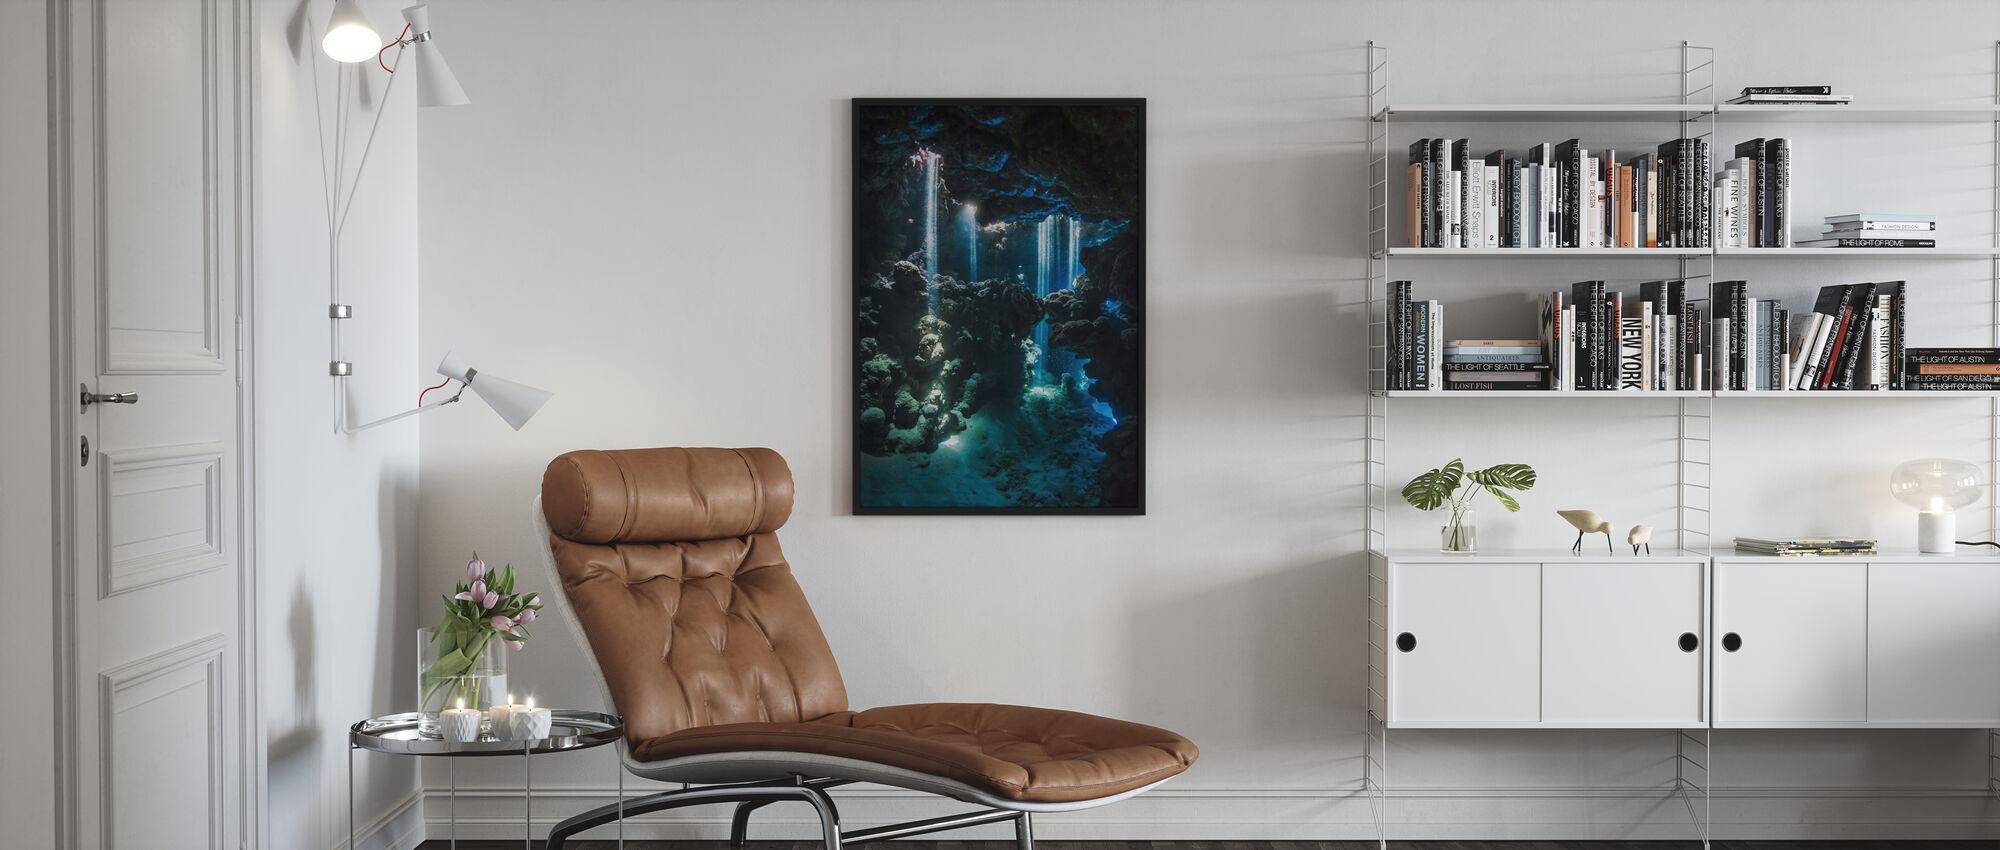 Shafts of Light - Poster - Living Room